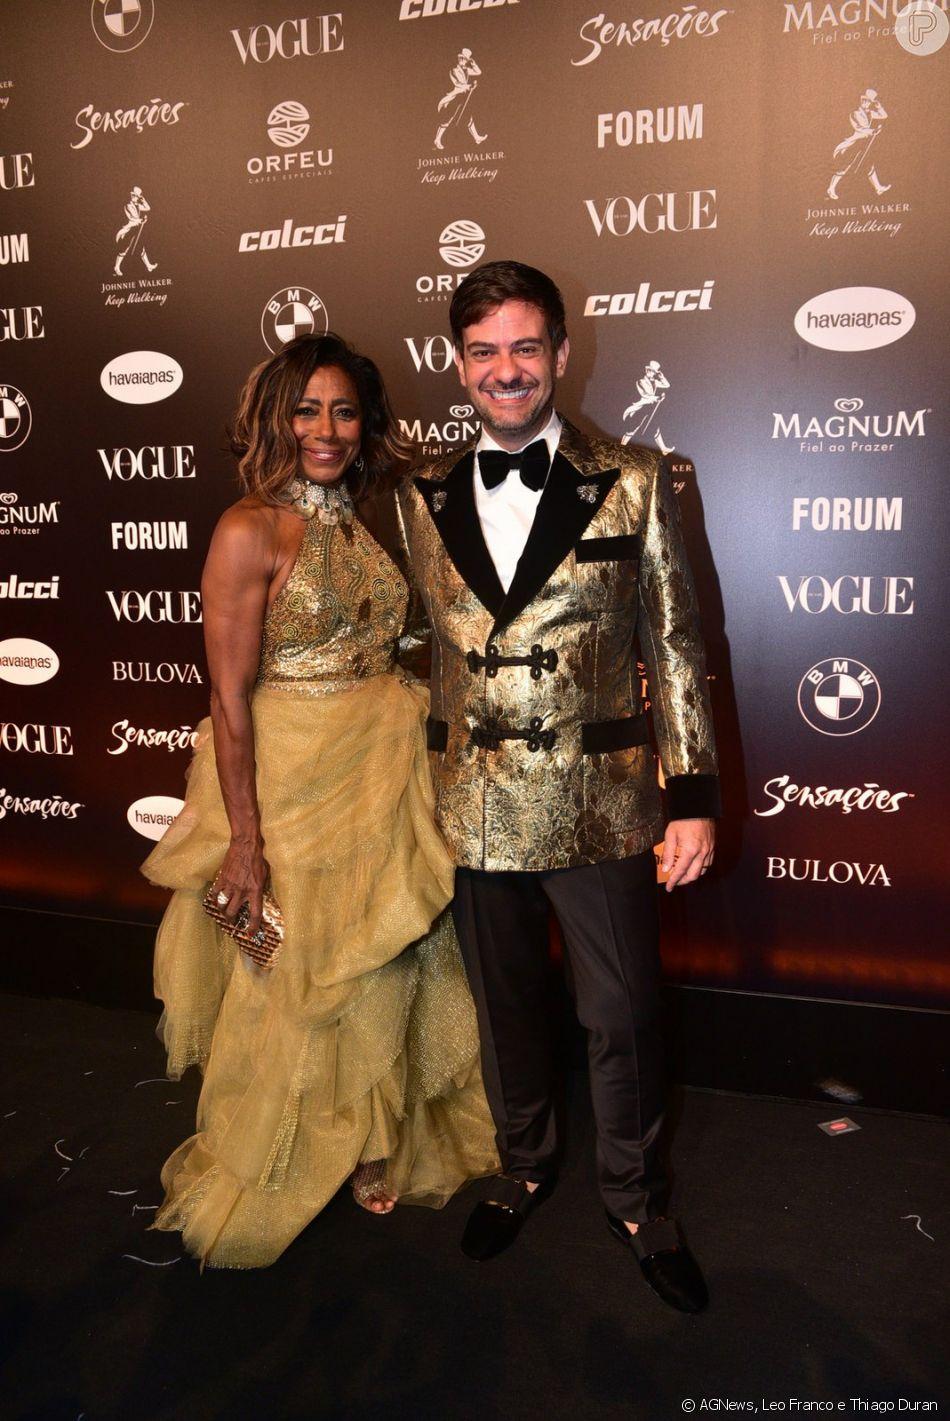 Gloria Maria e Bruno Astuto foram os apresentadores do Baile da Vogue 2019 ao lado de Sabrina Sato